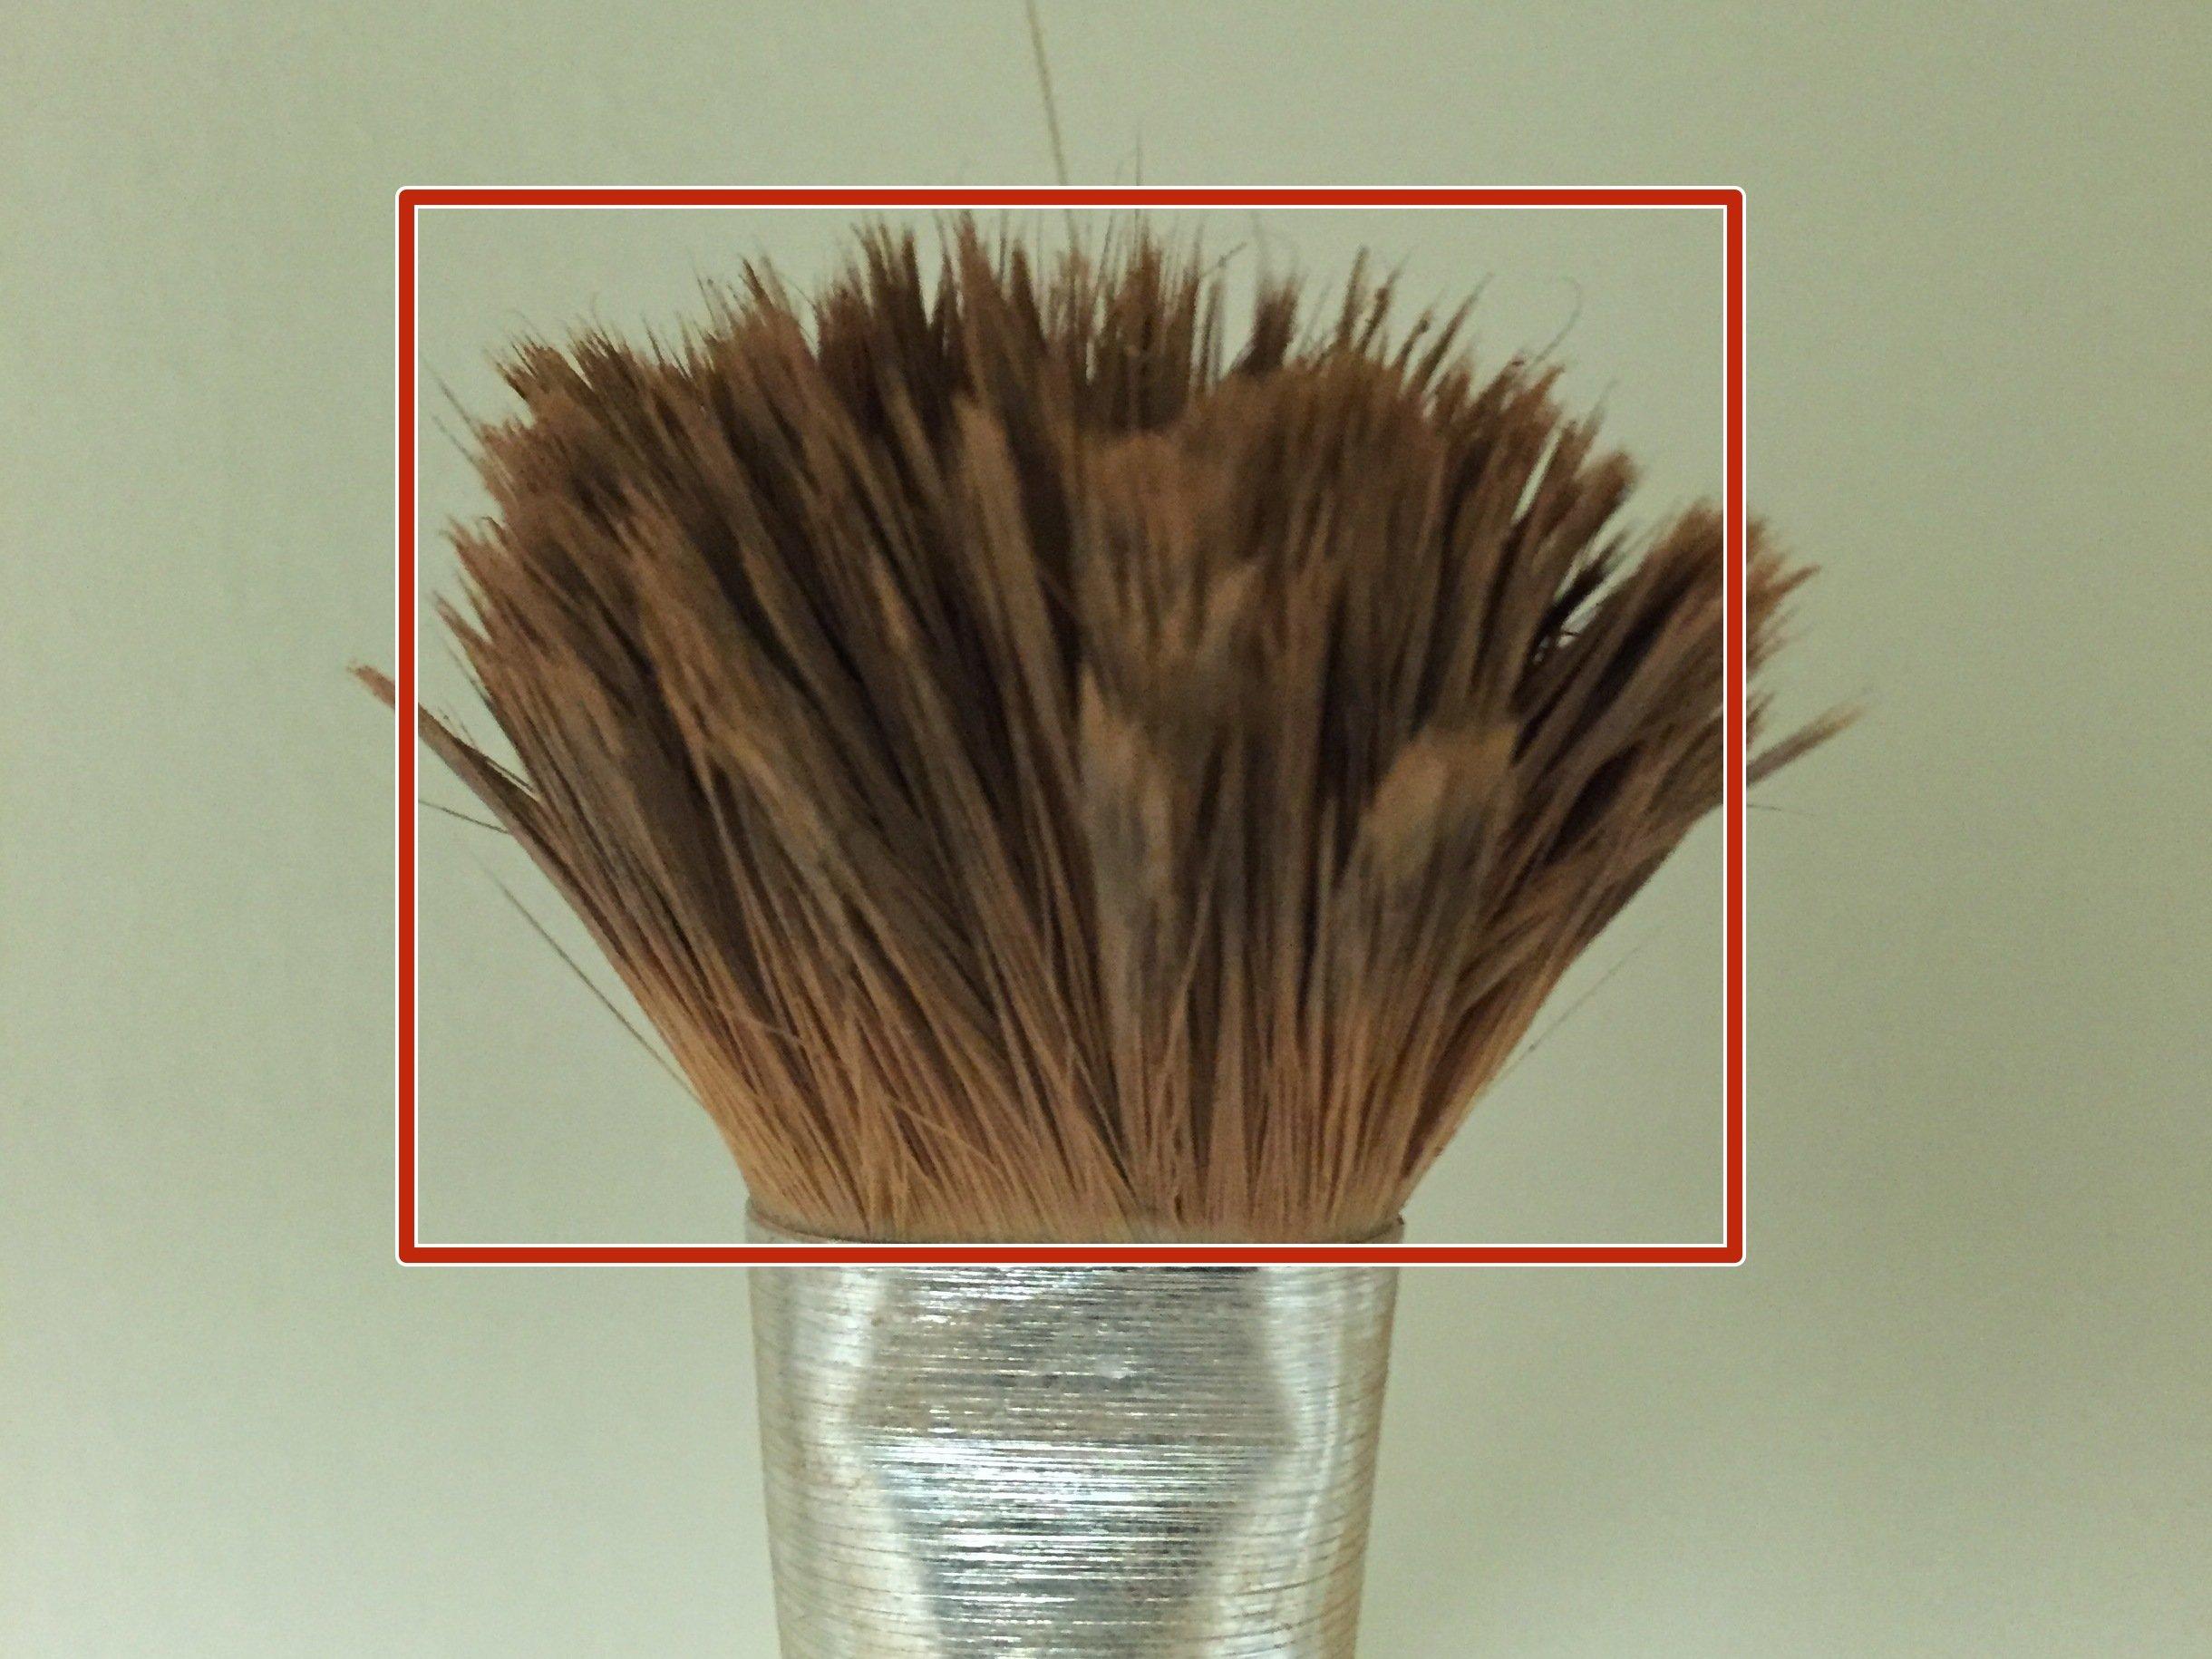 Repairing paint brush bristles - iFixit Repair Guide